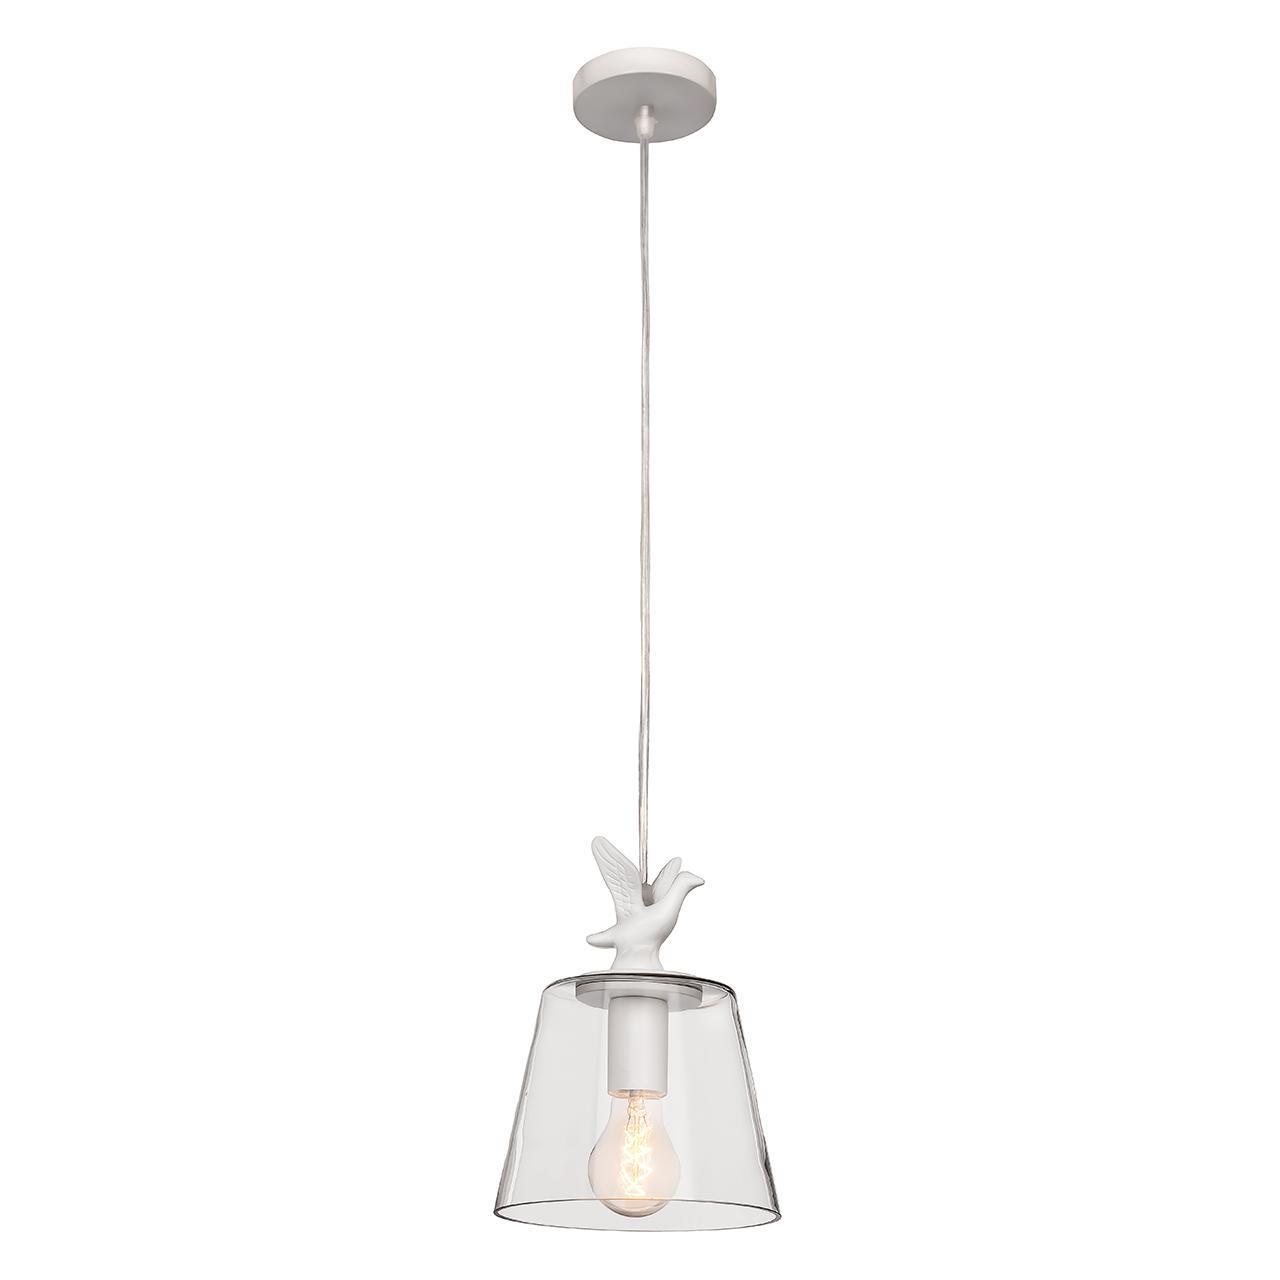 Подвесной светильник Loft IT Loft1807 настенный светильник loft it loft1344w